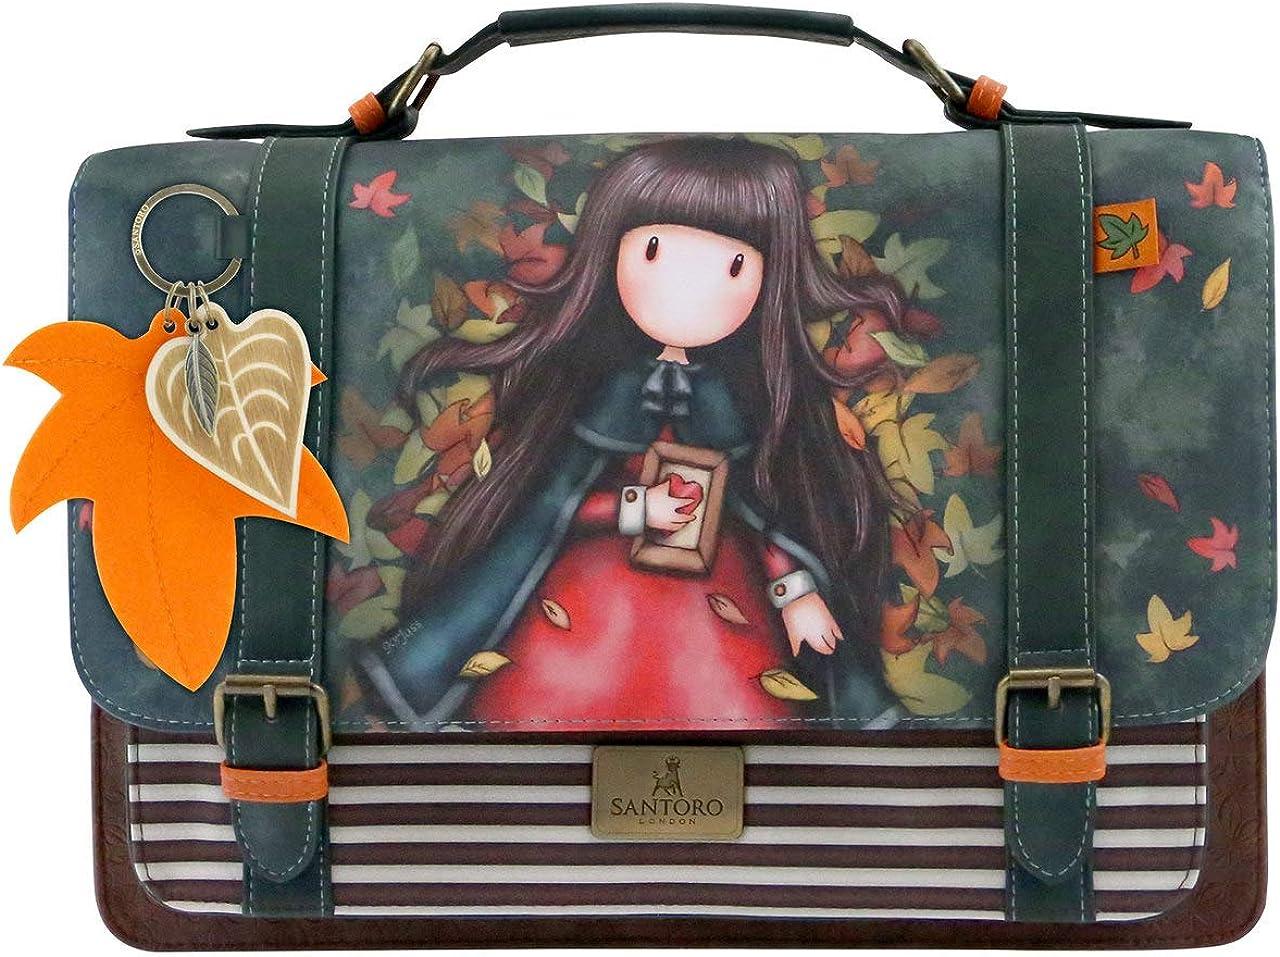 Santoro Gorjuss 1025GJ01 Vert Satchel Grande Autumn Leaves Bag Femme